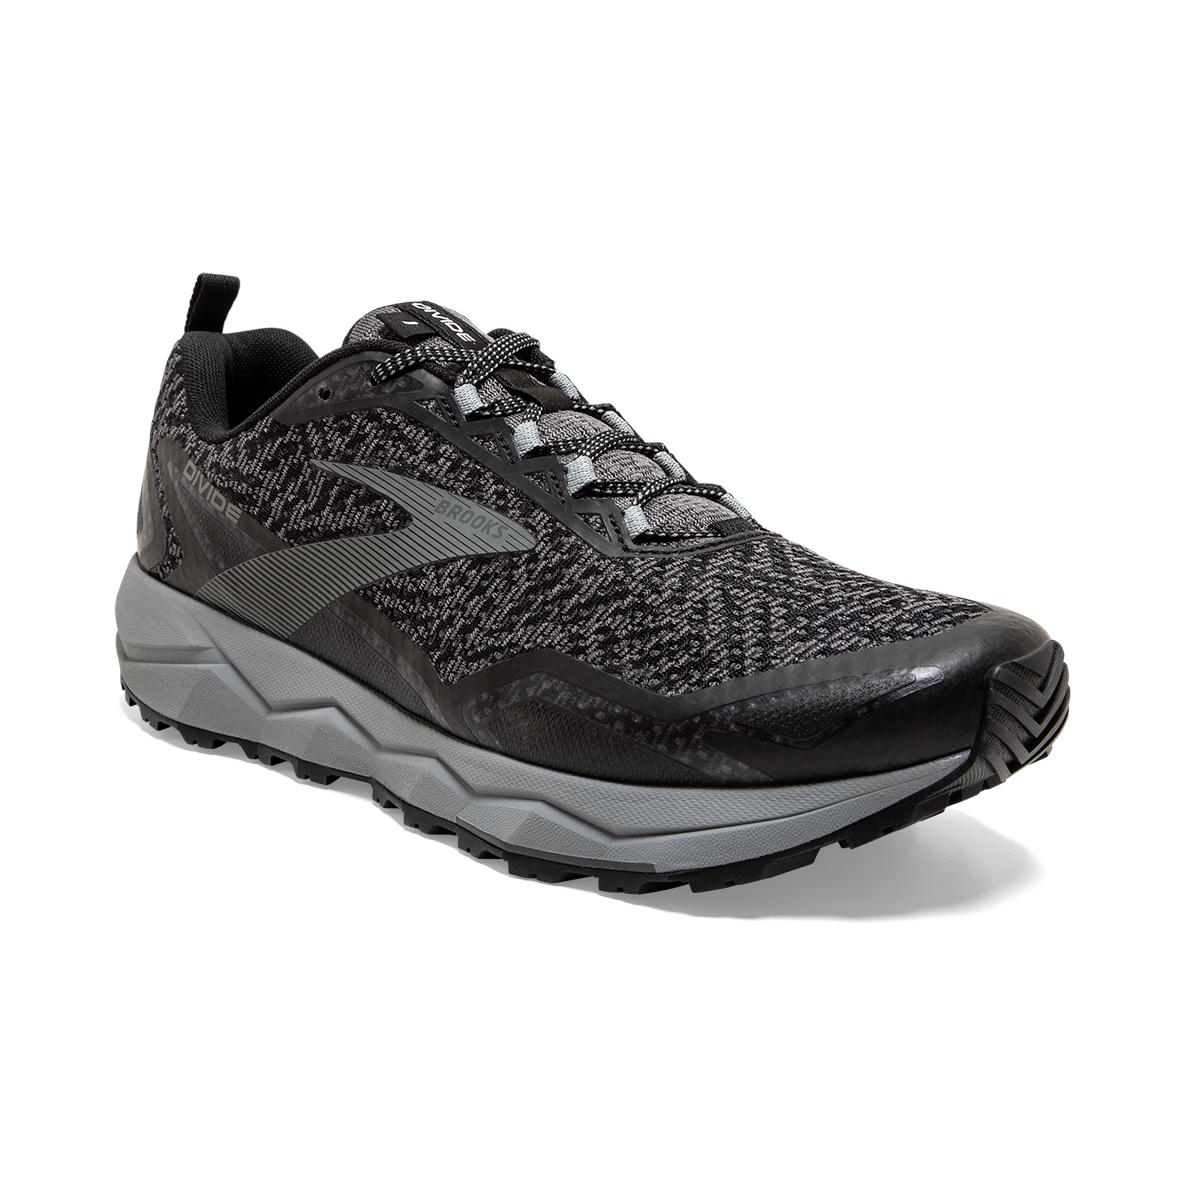 Men's Brooks Divide Trail Running Shoe - Color: Black/Grey (Regular Width) - Size: 7, Black/Grey, large, image 6